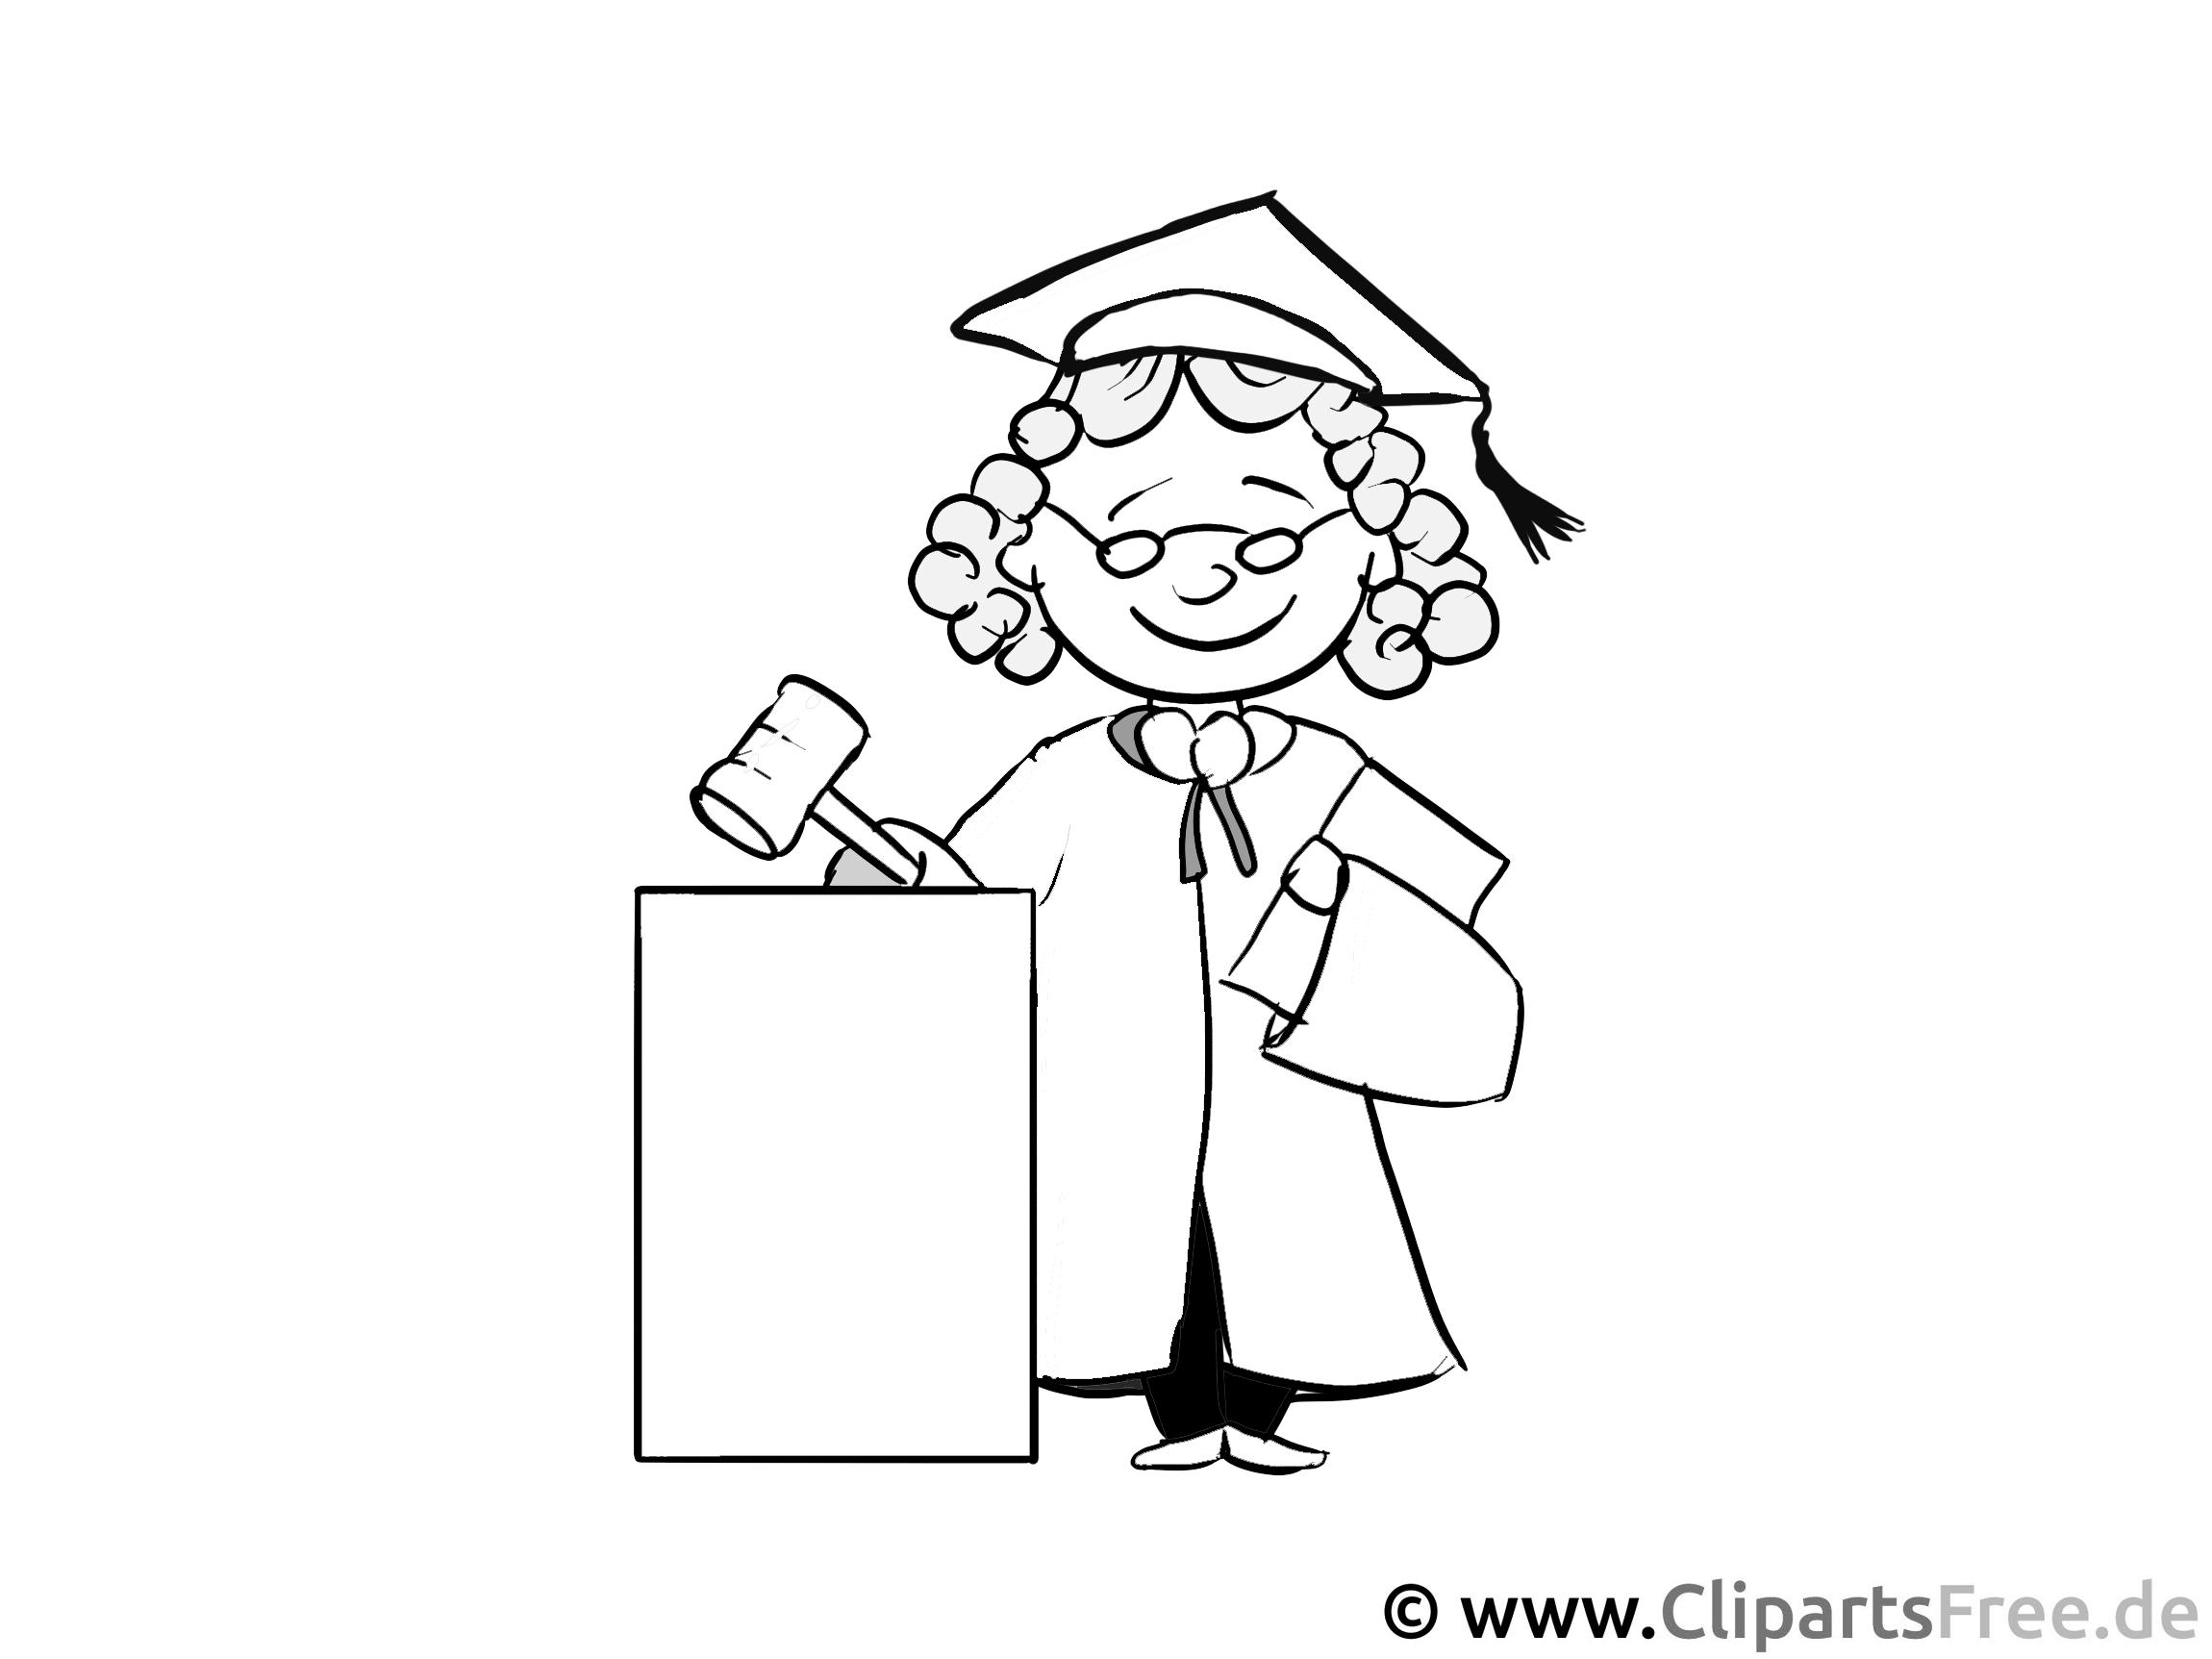 Richter Malvorlage - Arbeitsblätter und Malvorlagen Berufe